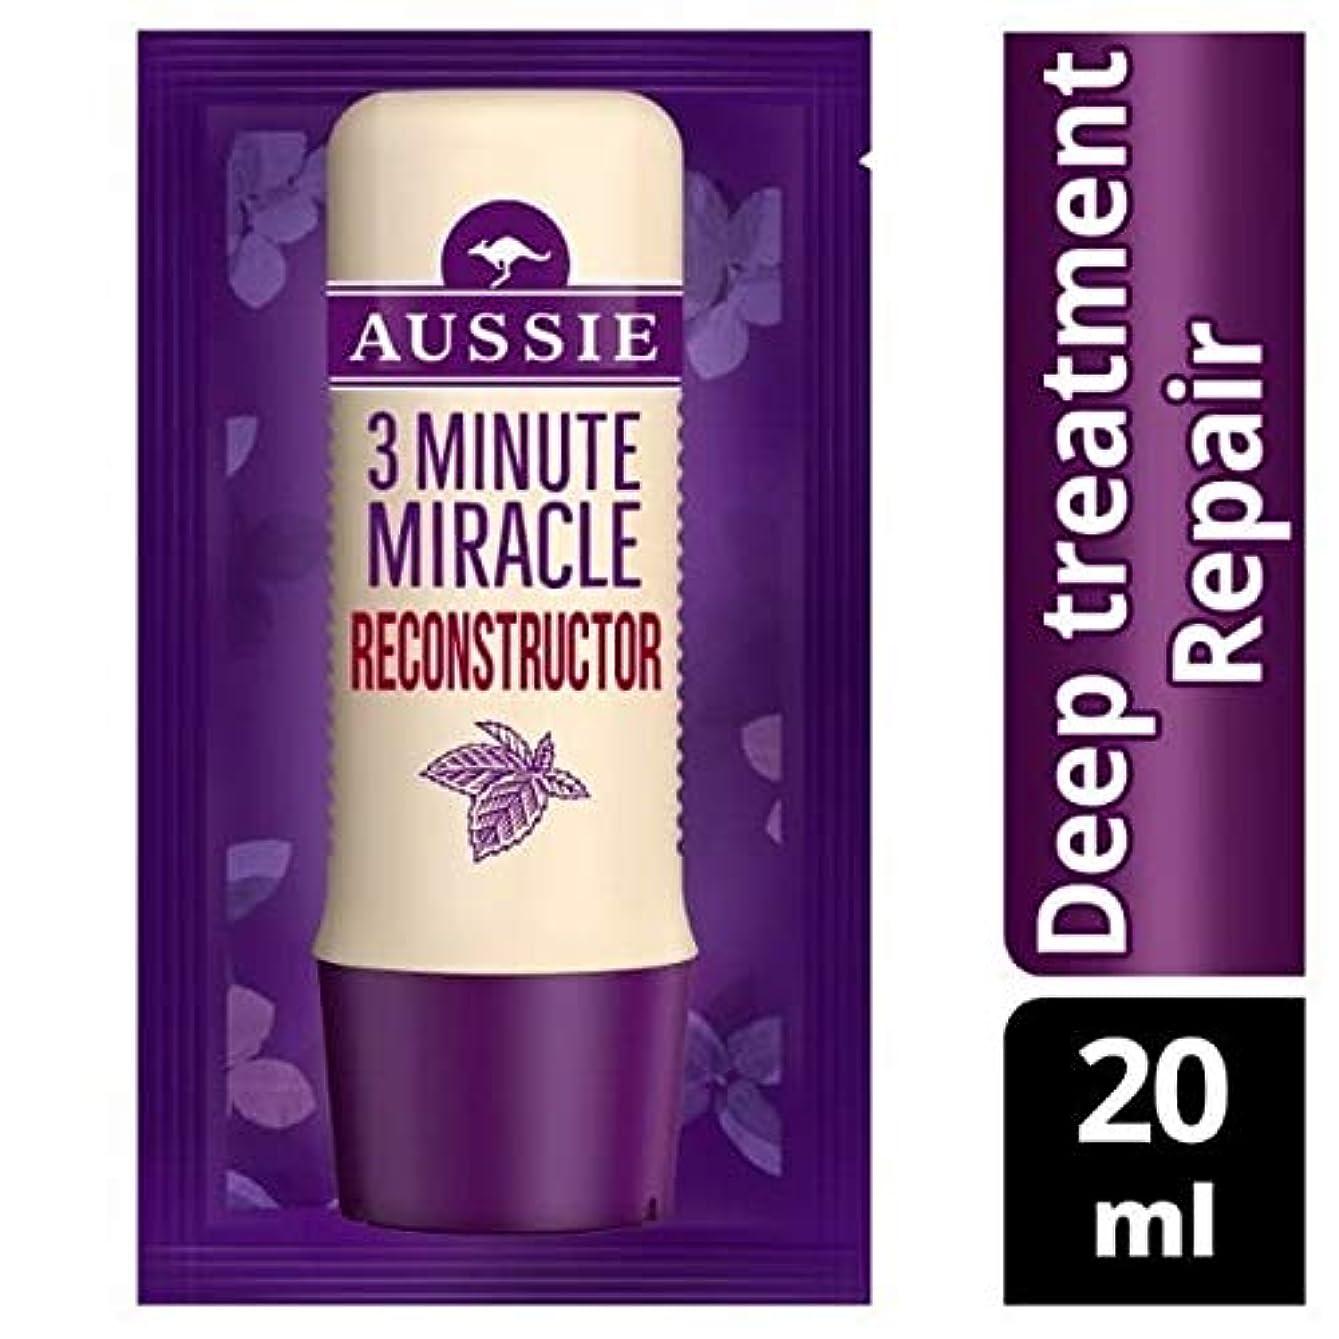 食べる静めるヒョウ[Aussie ] オーストラリアの深い治療3分の奇跡の再構成の20ミリリットル - Aussie Deep Treatment 3 Minute Miracle Reconstructor 20ml [並行輸入品]